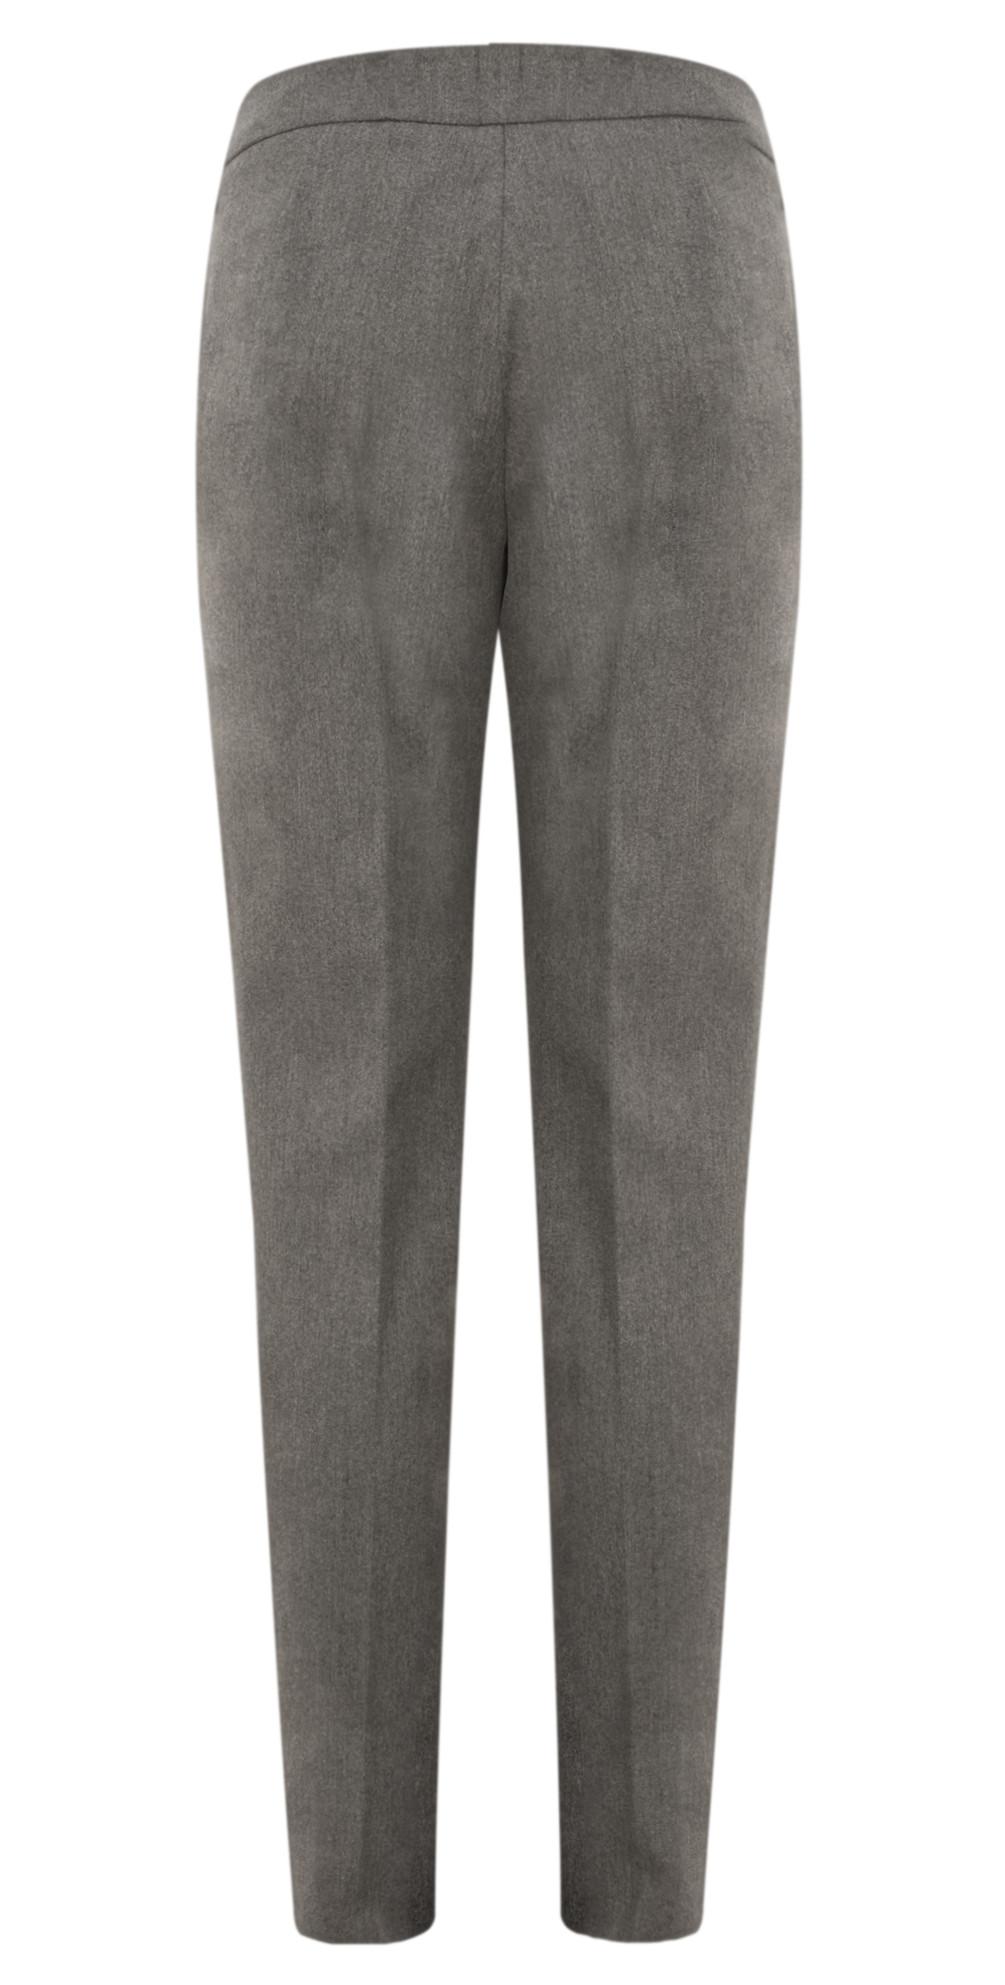 Ginger Smart Fabric Full Length Trouser main image